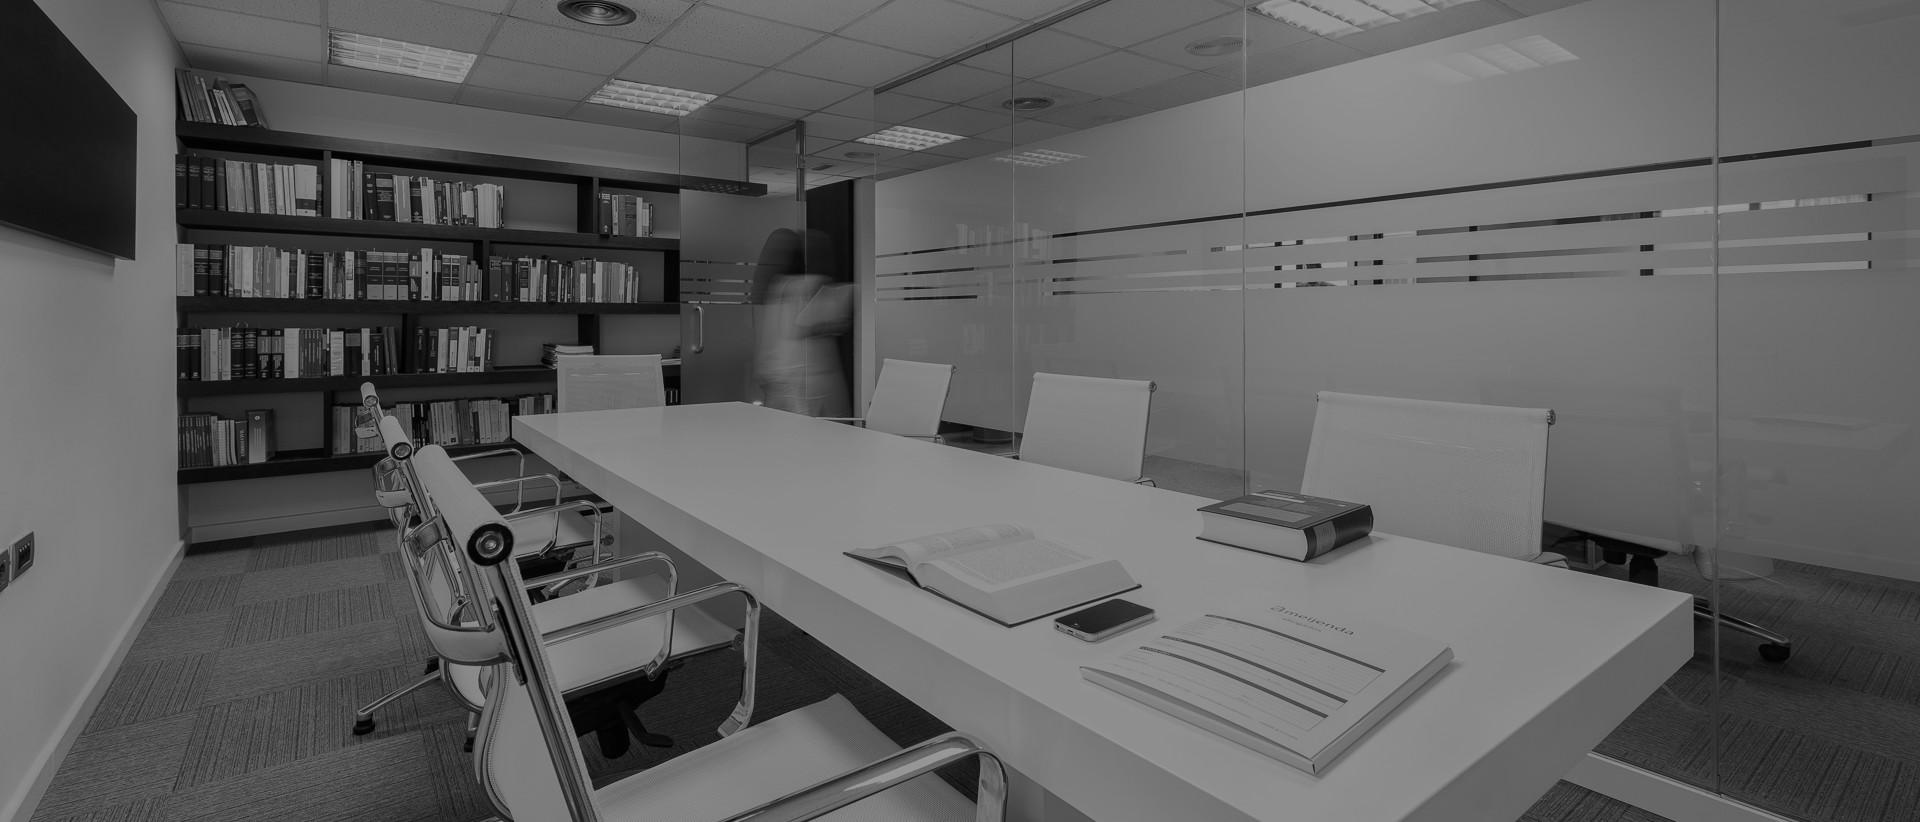 Asesoramiento legal integral y a medida para tu empresa